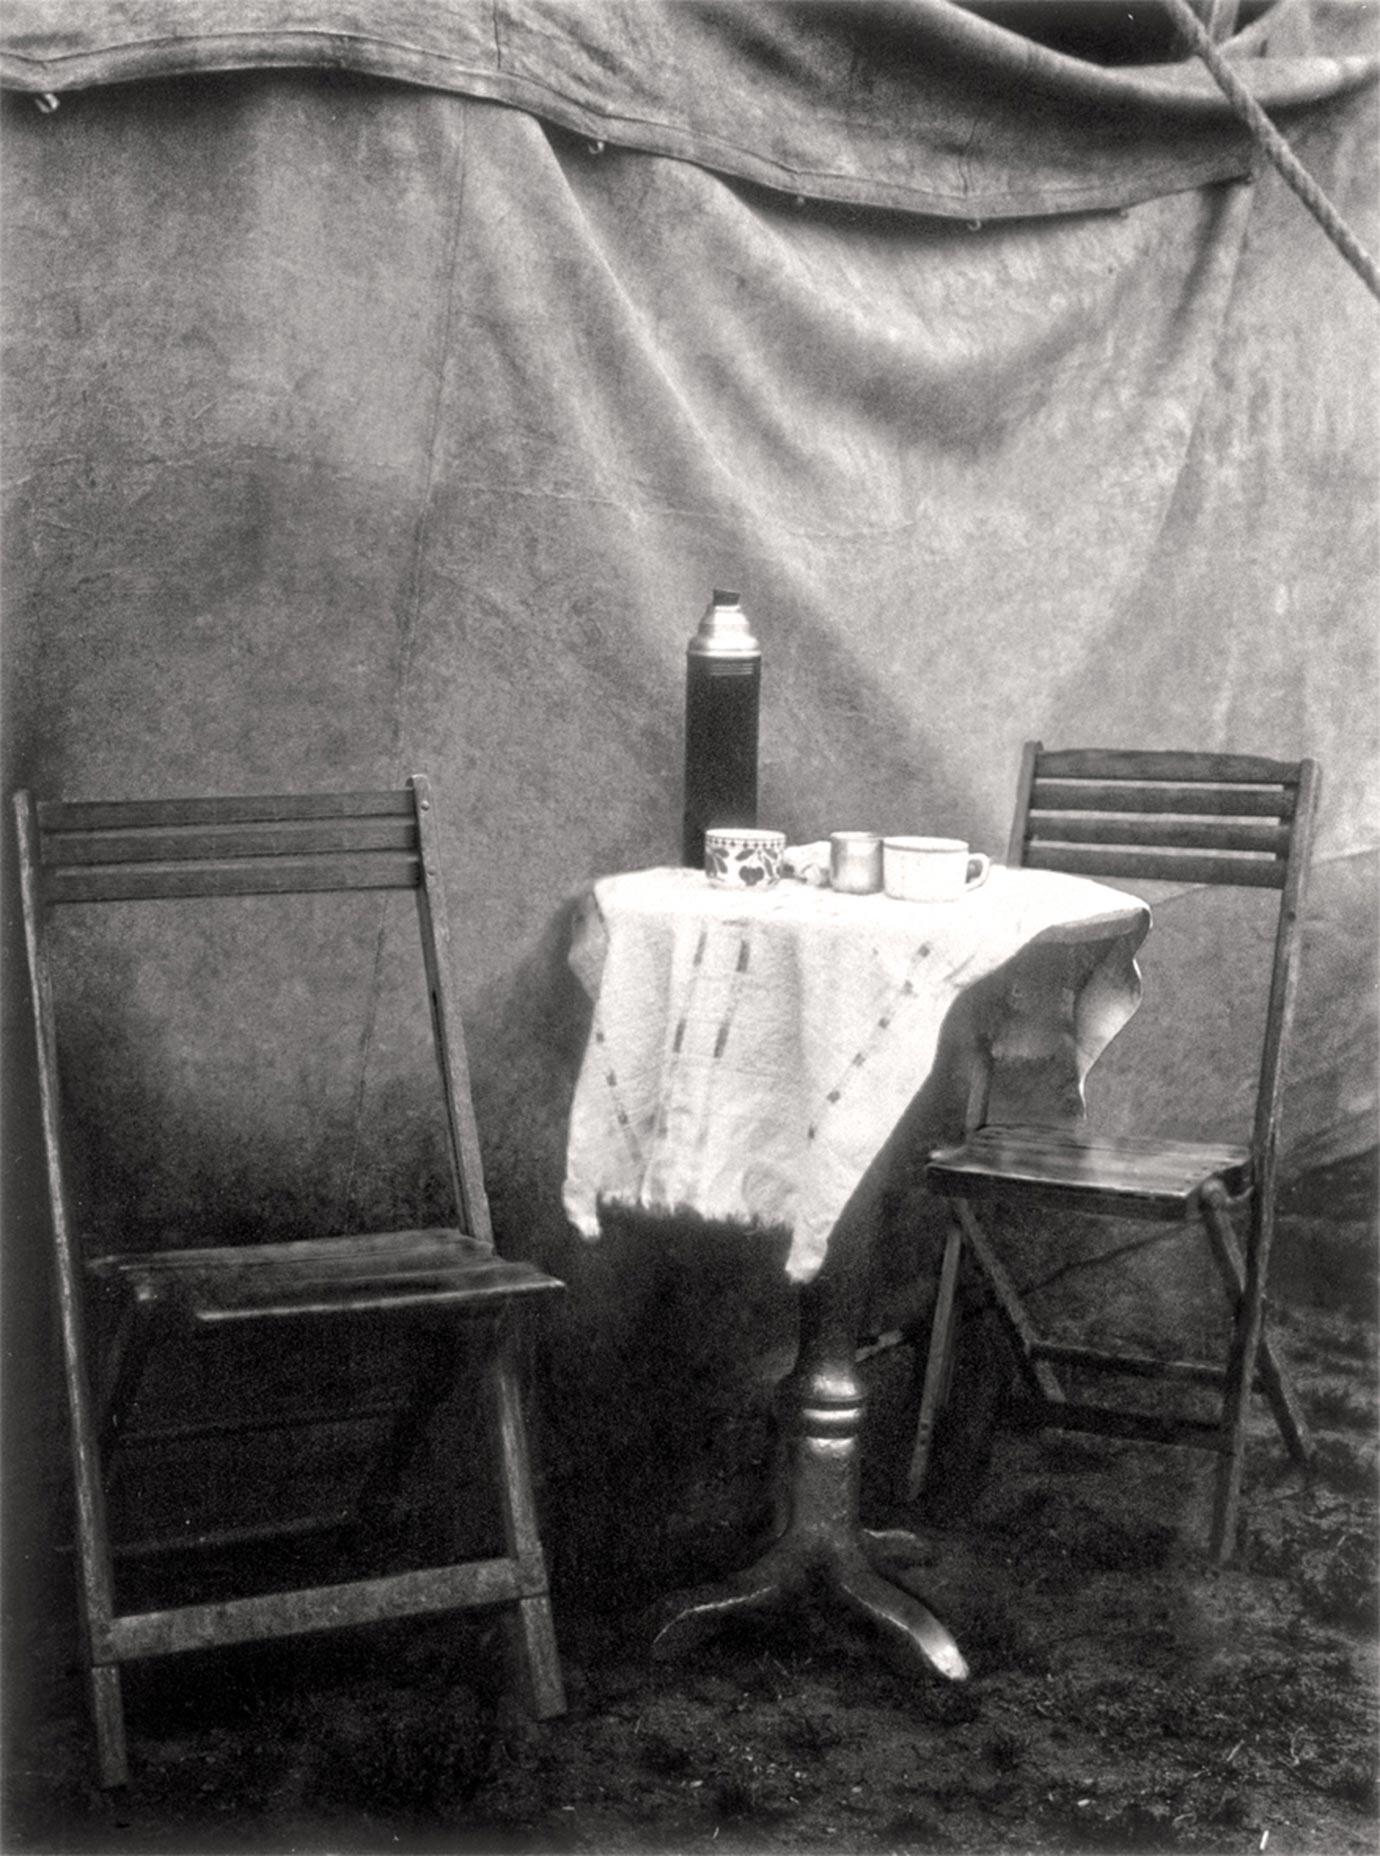 Zirkusartisten, 2007, Michael Somoroff